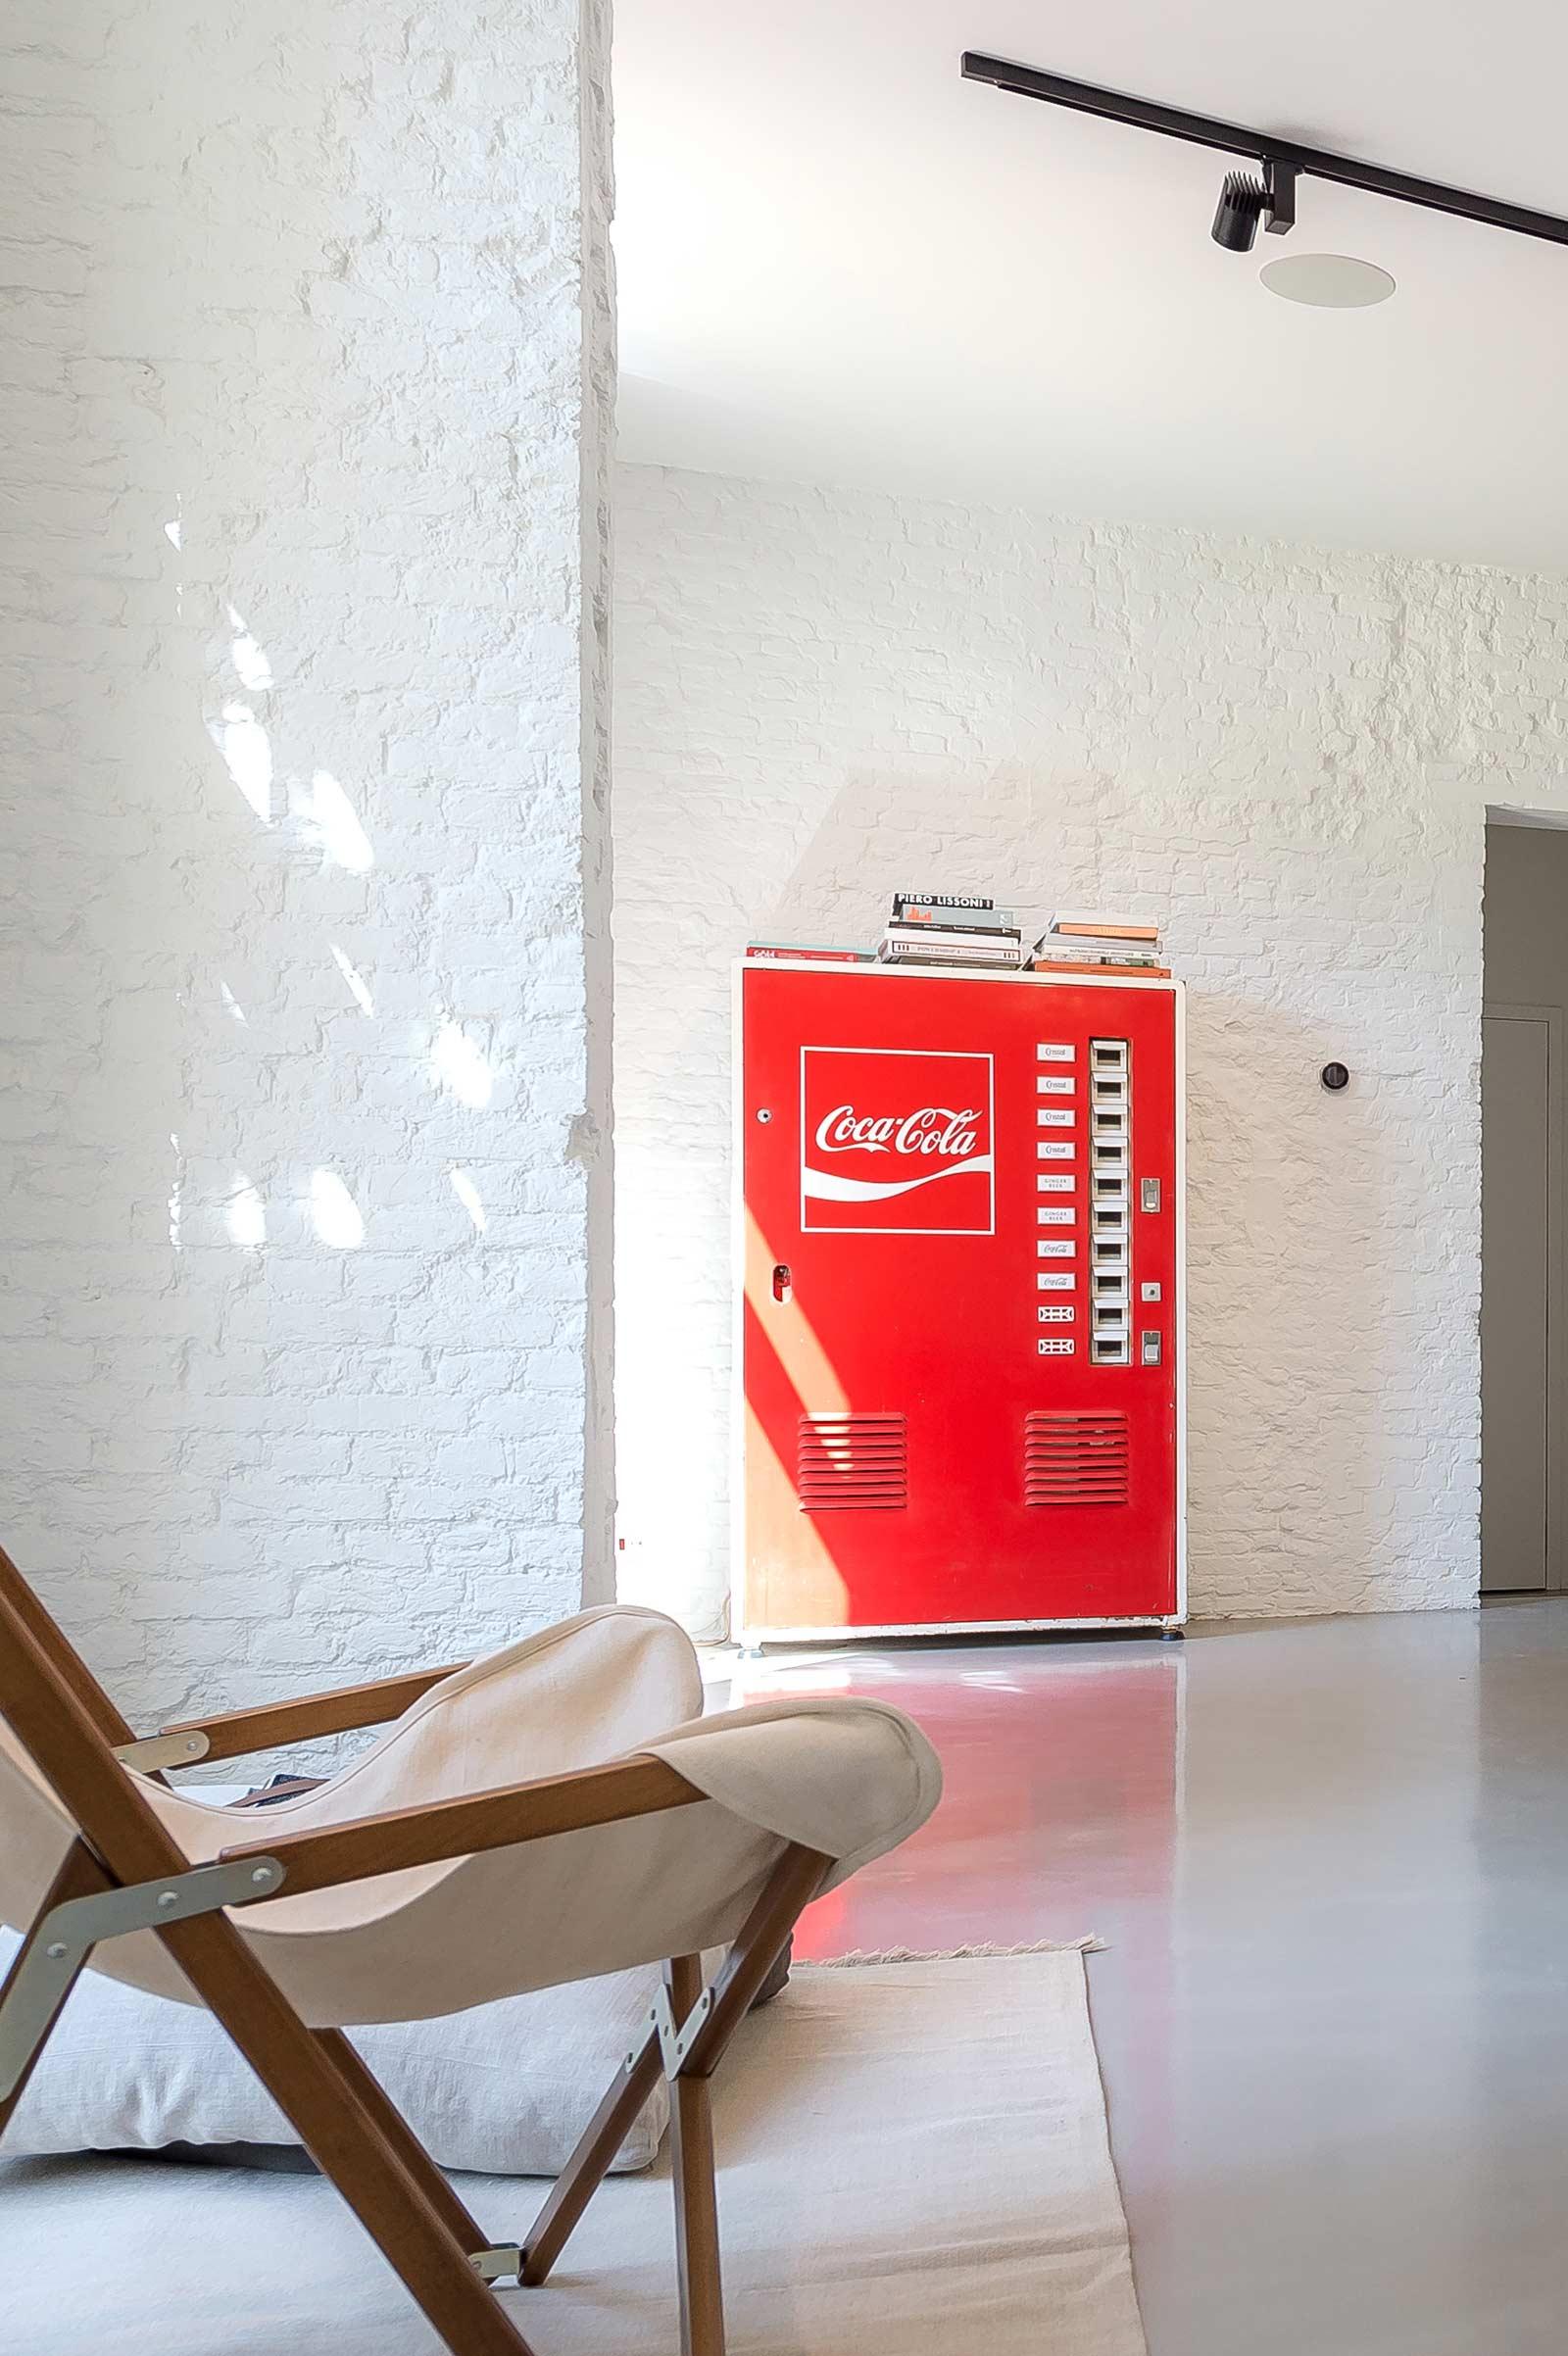 Studio Tolleneer - Office Antwerpen - Rijkswachtkazerne - Eligo La Tripolina chair stoel - Coke vending machine - coca-cola automaat